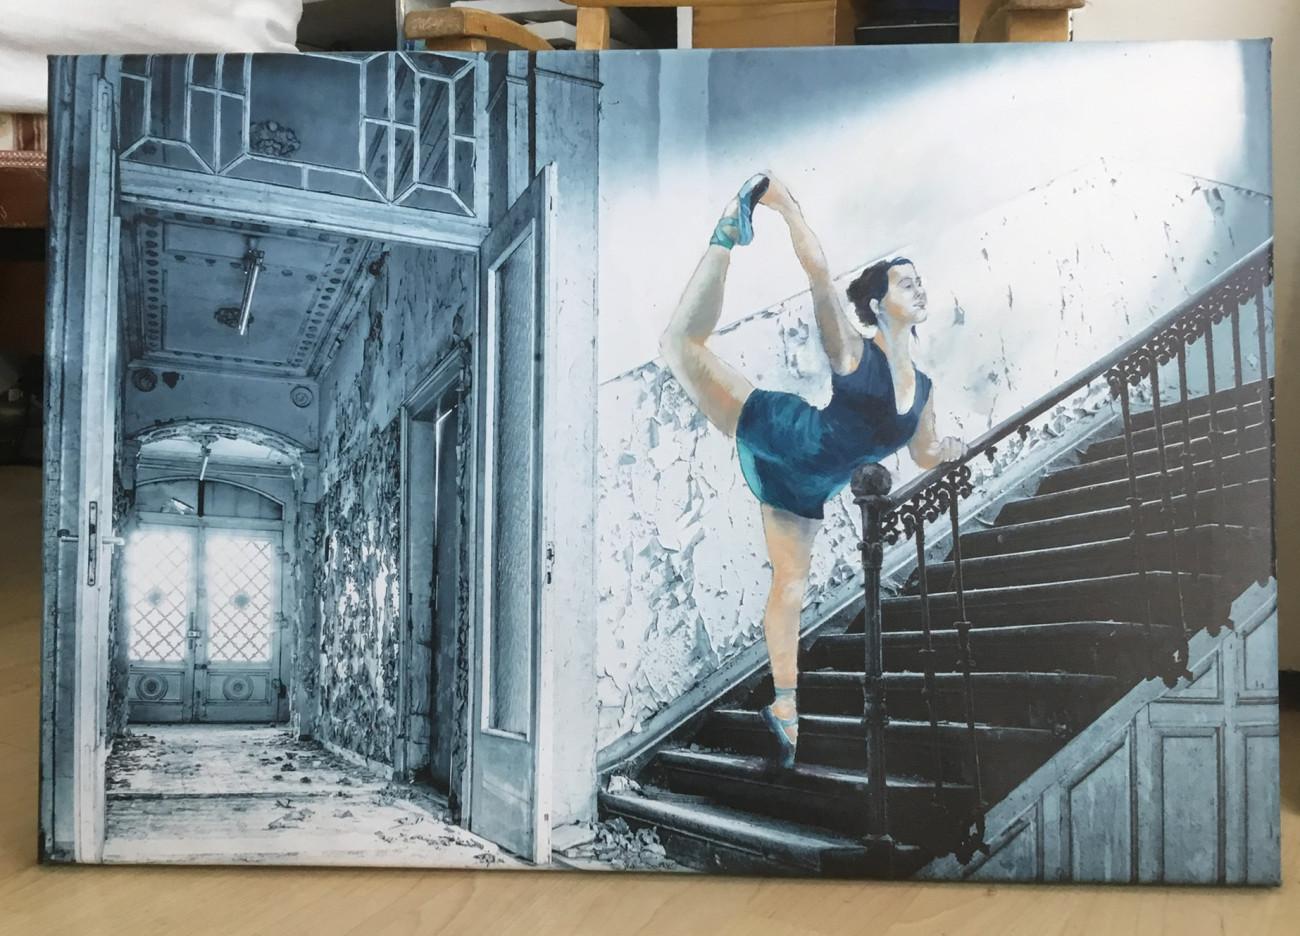 Cornelia Kandler – bitundgraphit.de, Die Entwicklung neuer Kunstwerke, hier in Form von Ölfarbe auf bedruckter Leinwand Cornelia Kandler Peter Herrmann